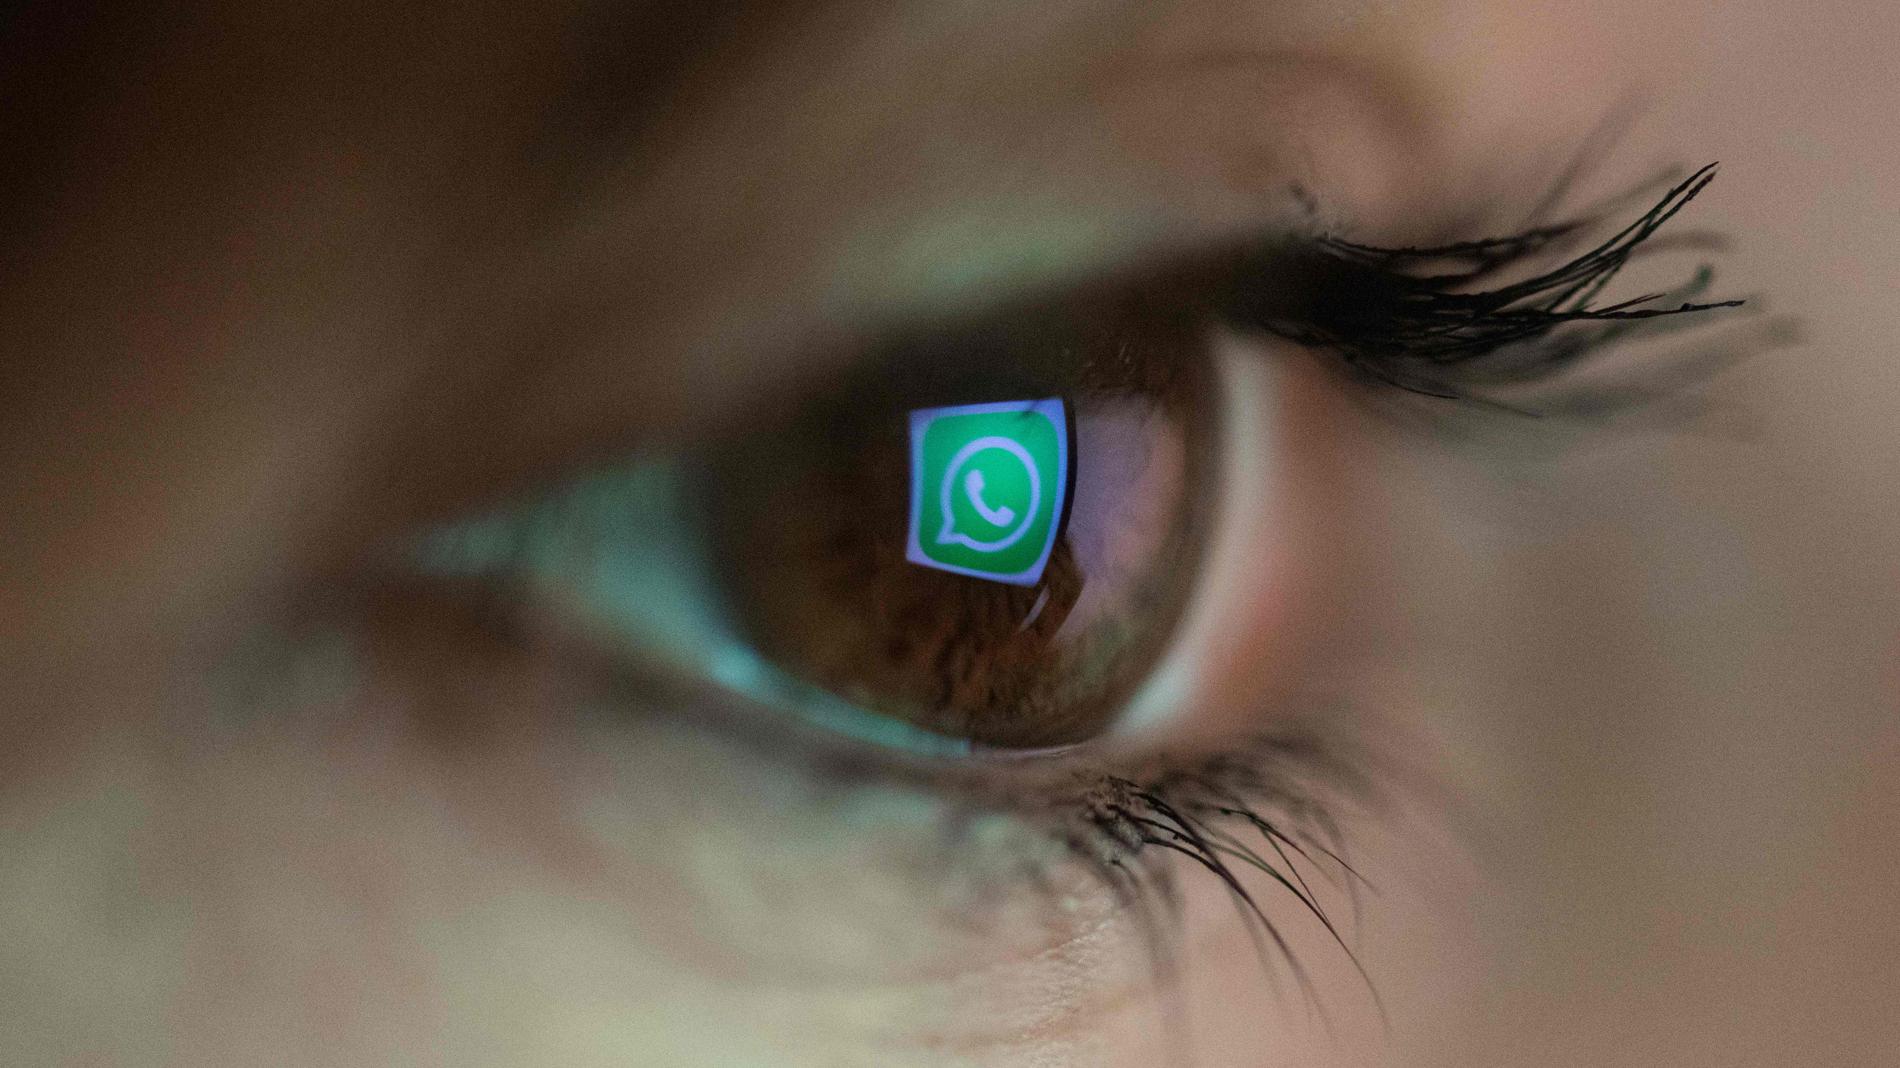 Un fallo de seguridad en iOS 11 permite que 'Siri' reproduzca los mensajes de Whatsapp